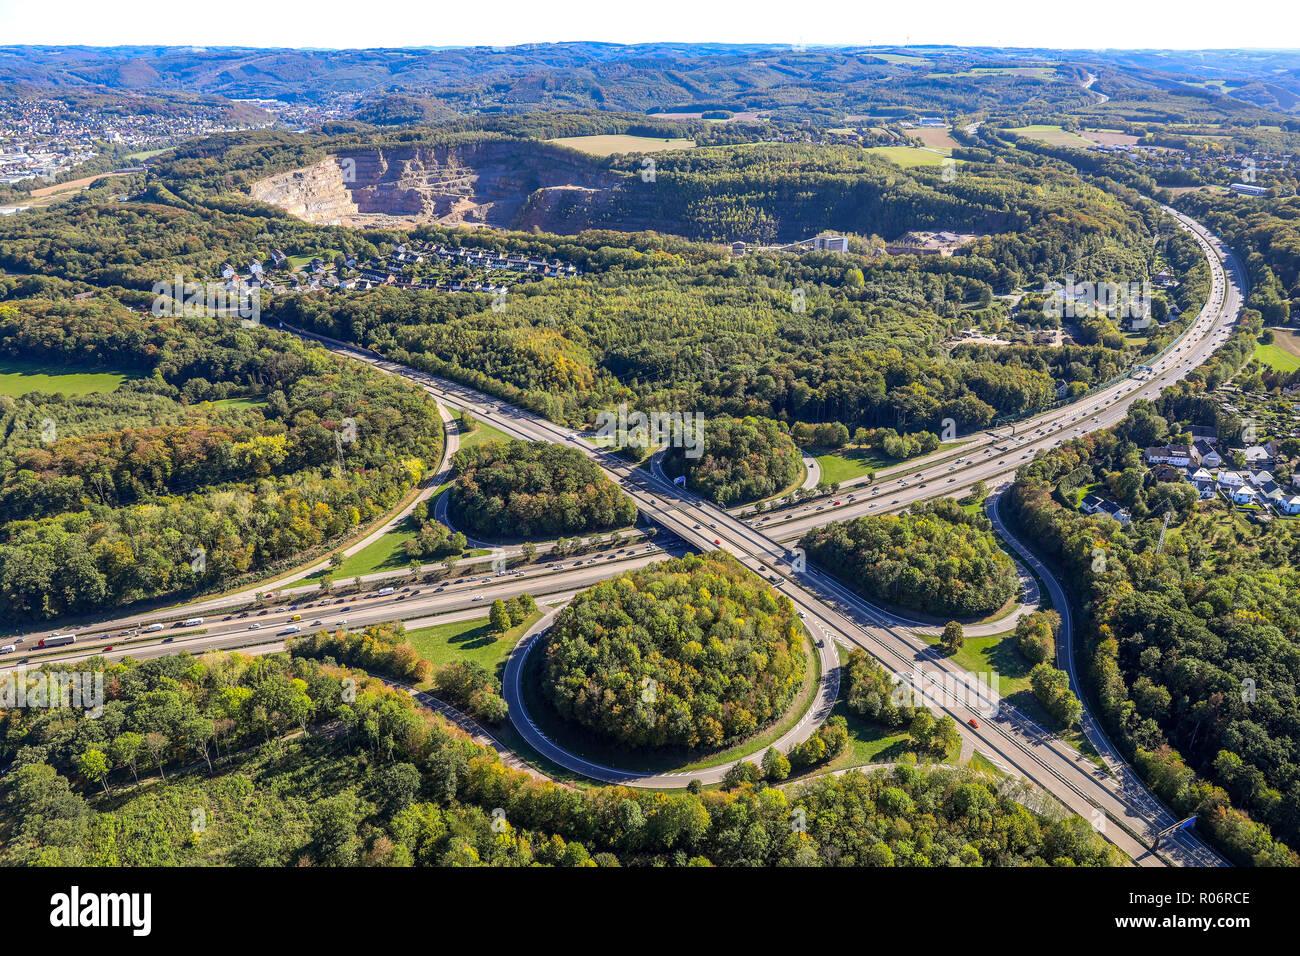 Luftbild, Kreuz Hagen A45, A46, Hagen, Ruhrgebiet, Nordrhein-Westfalen, Deutschland, Europa, DEU, birds-eyes view, Luftaufnahme, Luftbildfotografie, L - Stock Image